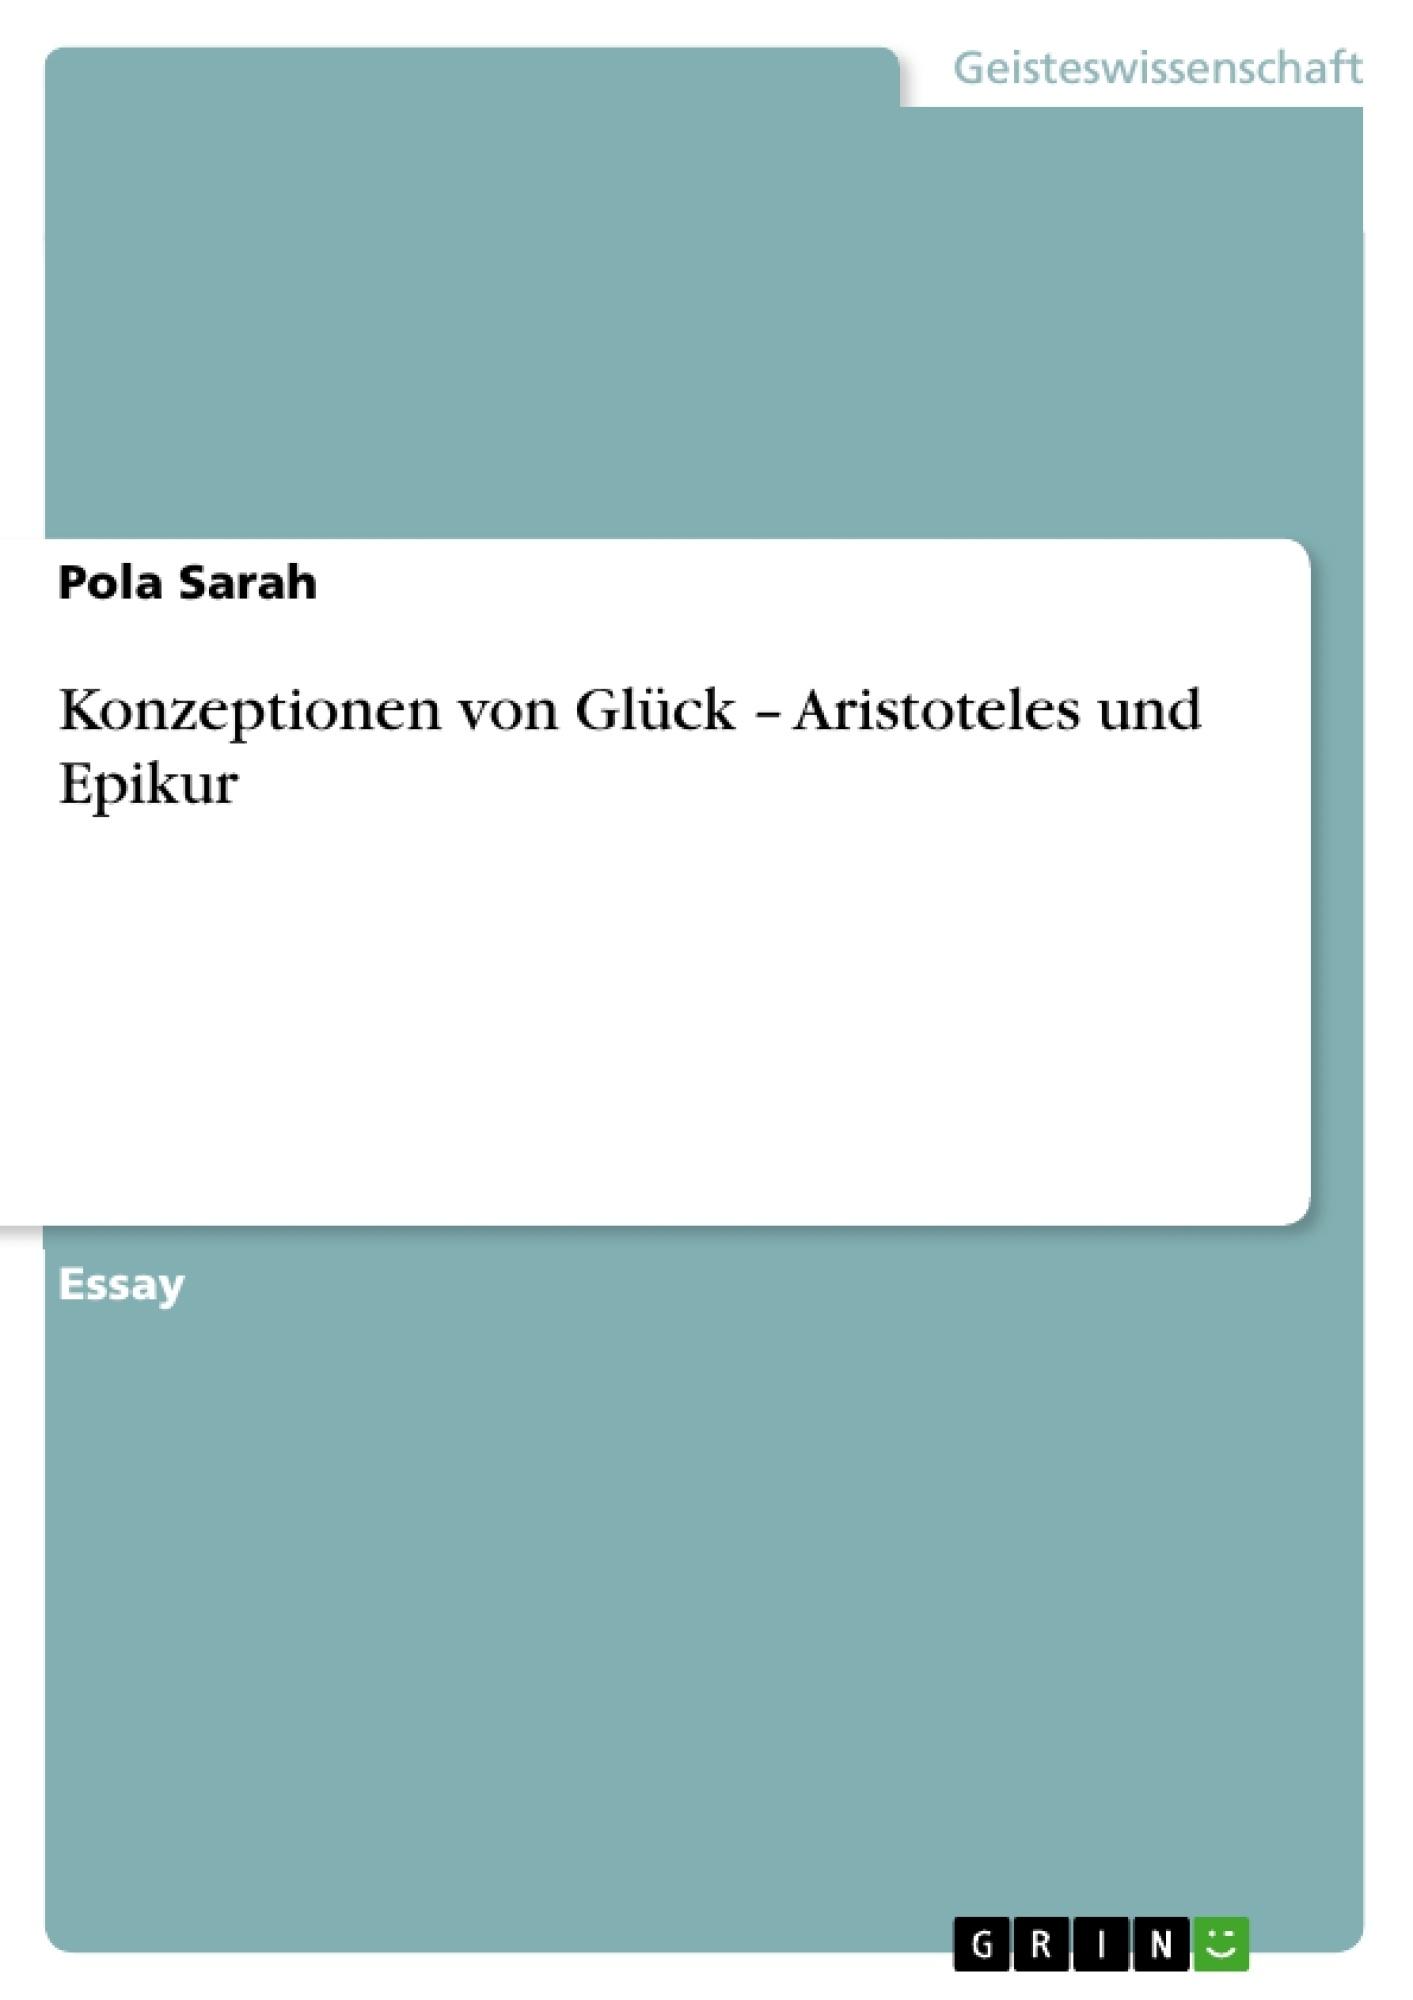 Titel: Konzeptionen von Glück – Aristoteles und Epikur